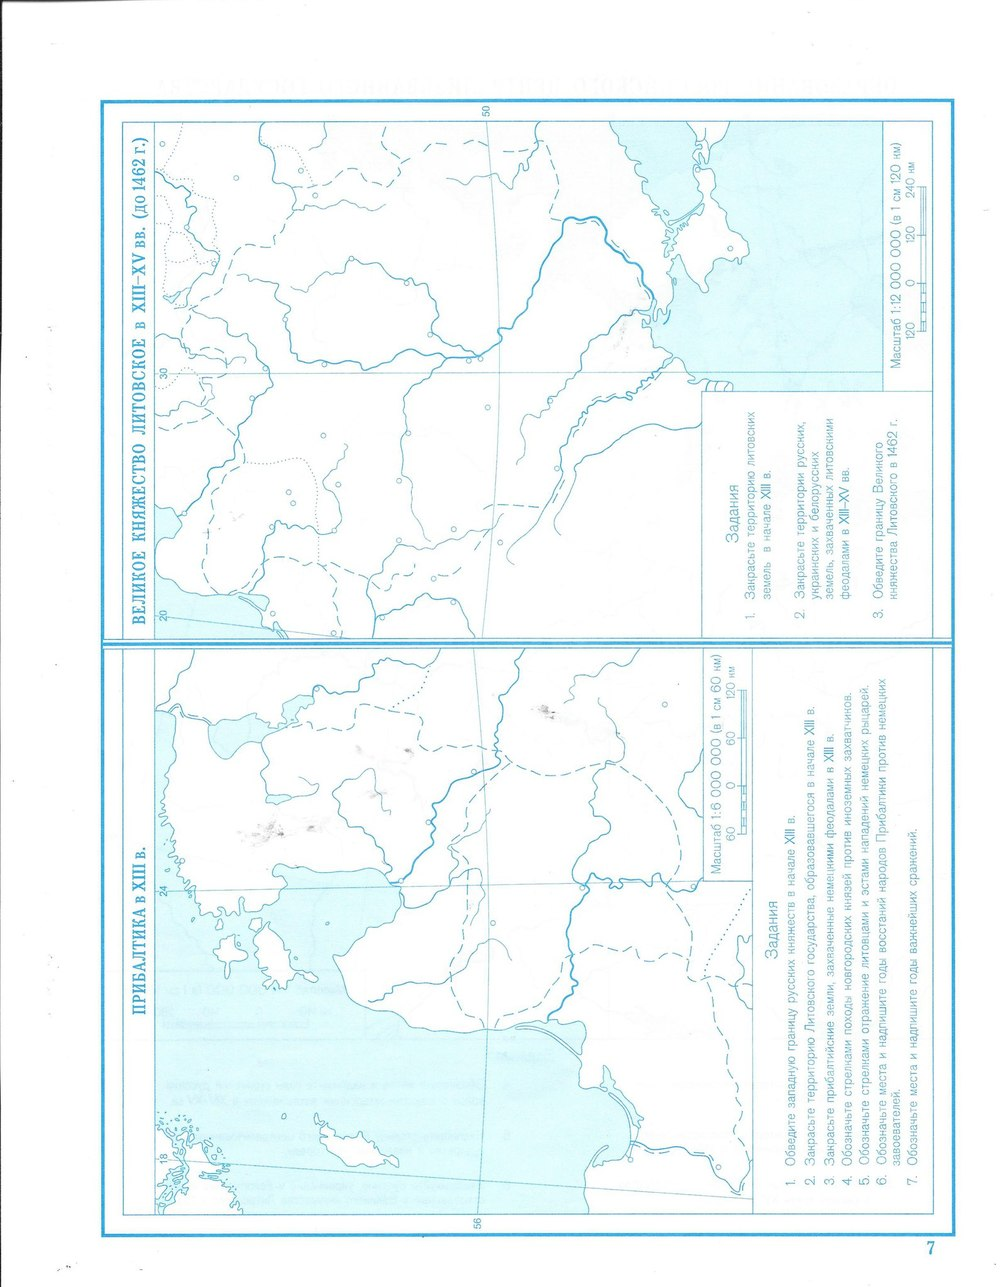 решебник по истории контурная карта 6-7 класс без скачиваний